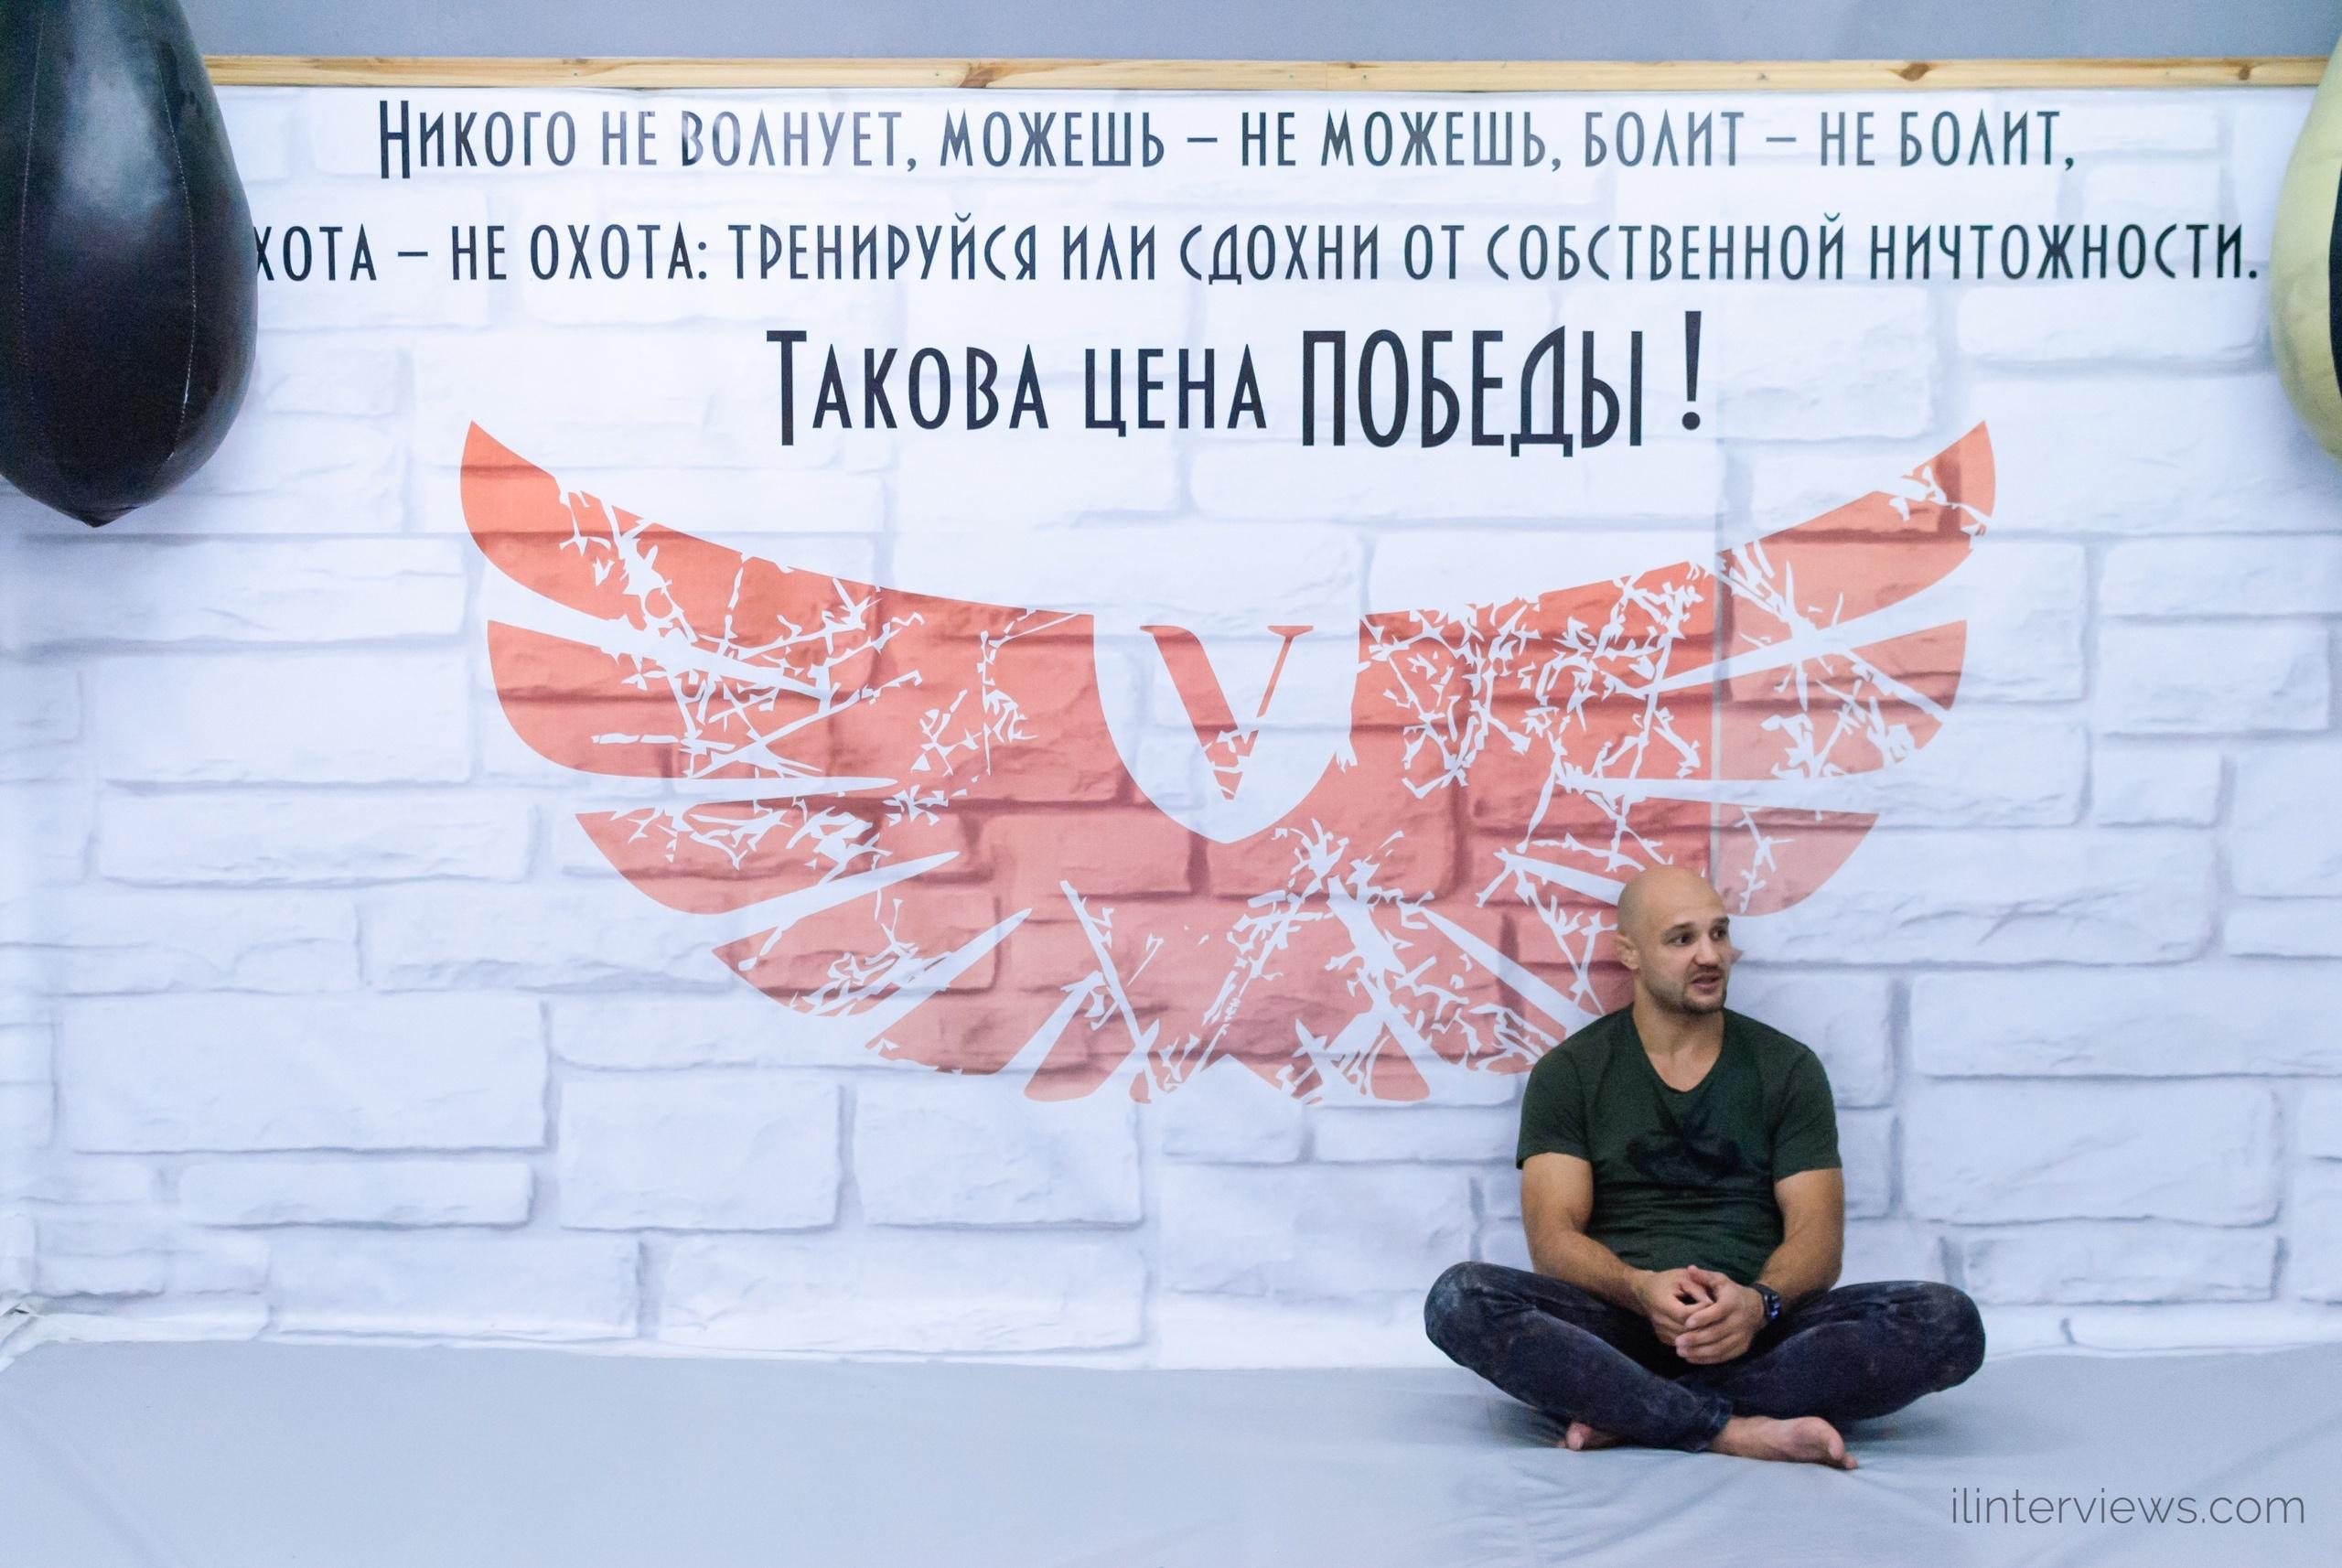 Александр Воронович